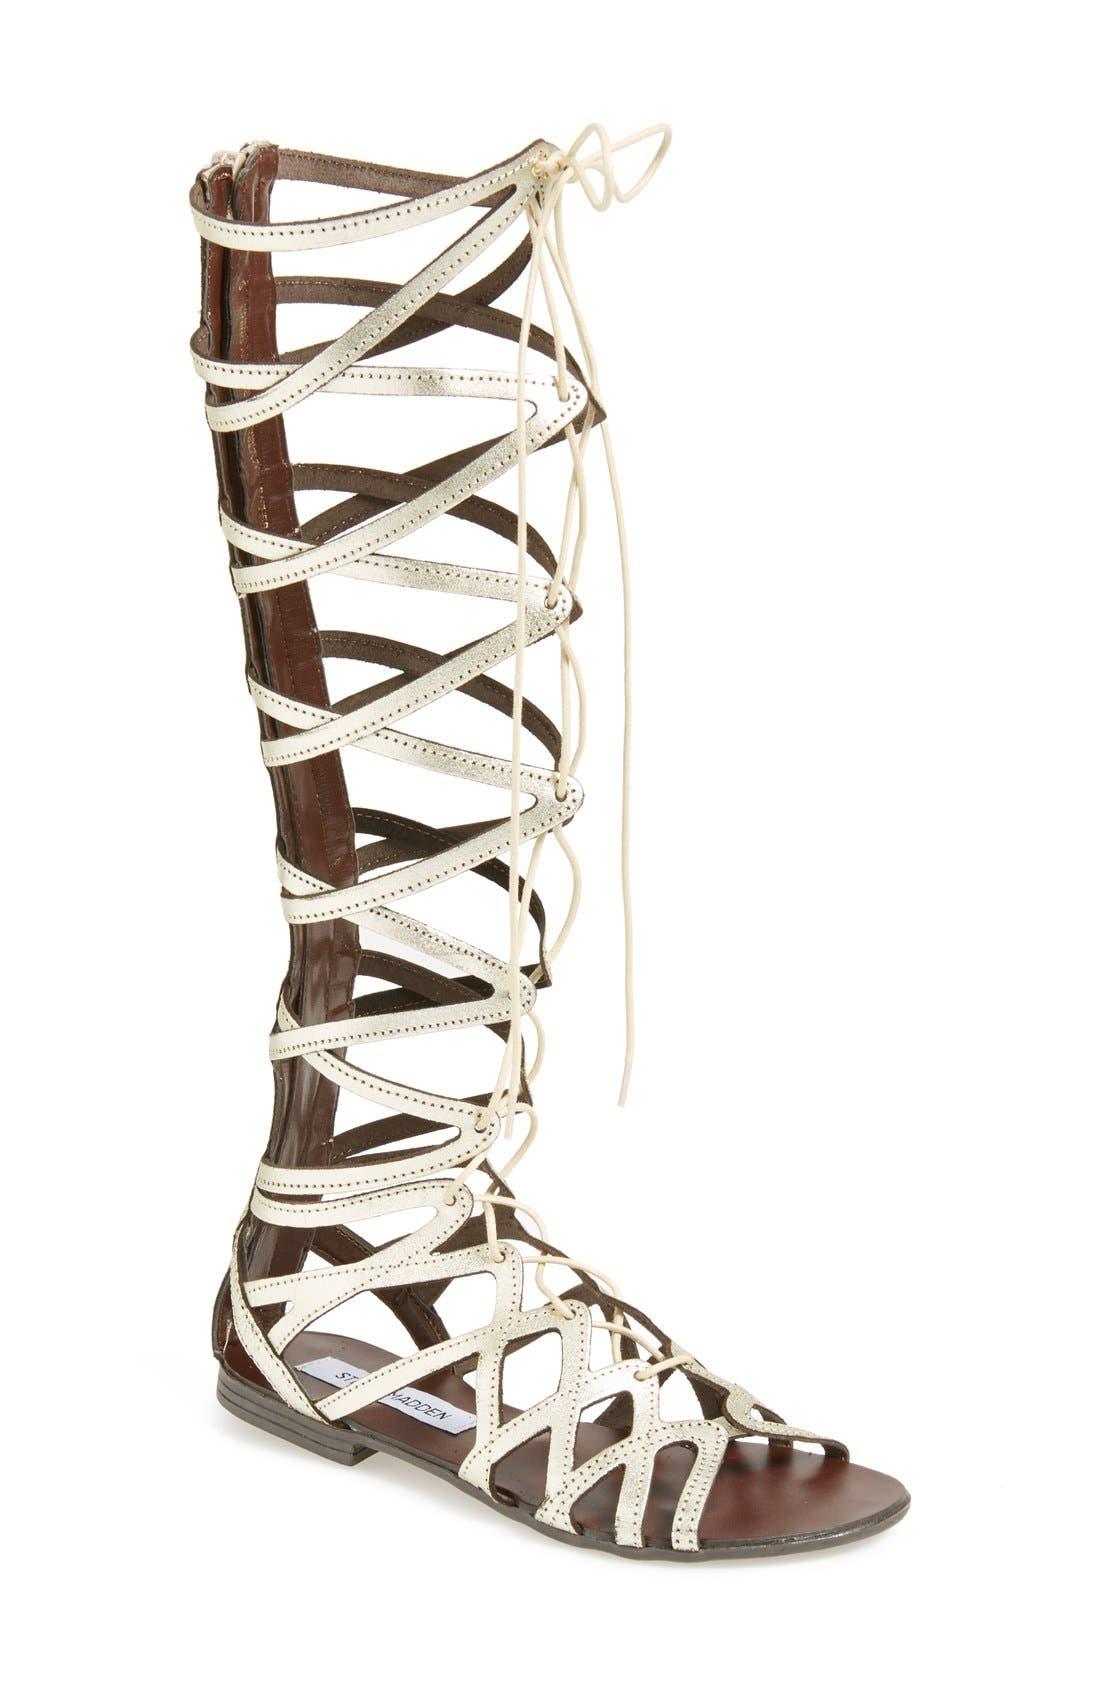 Main Image - Steve Madden 'Hercules' Gladiator Sandal (Women)